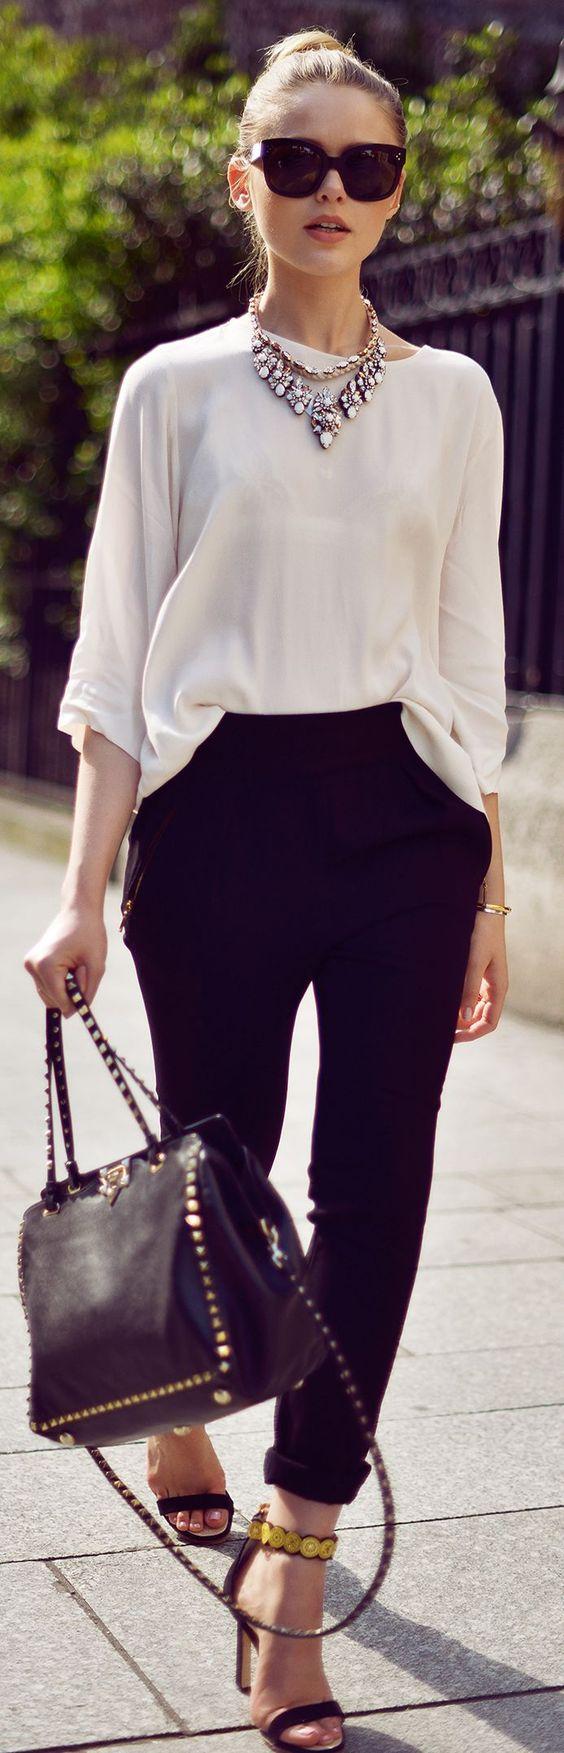 Pinterest - Portez votre skinny cuir avec une veste en fourrure synthétique à imprimé léopard et des babies.